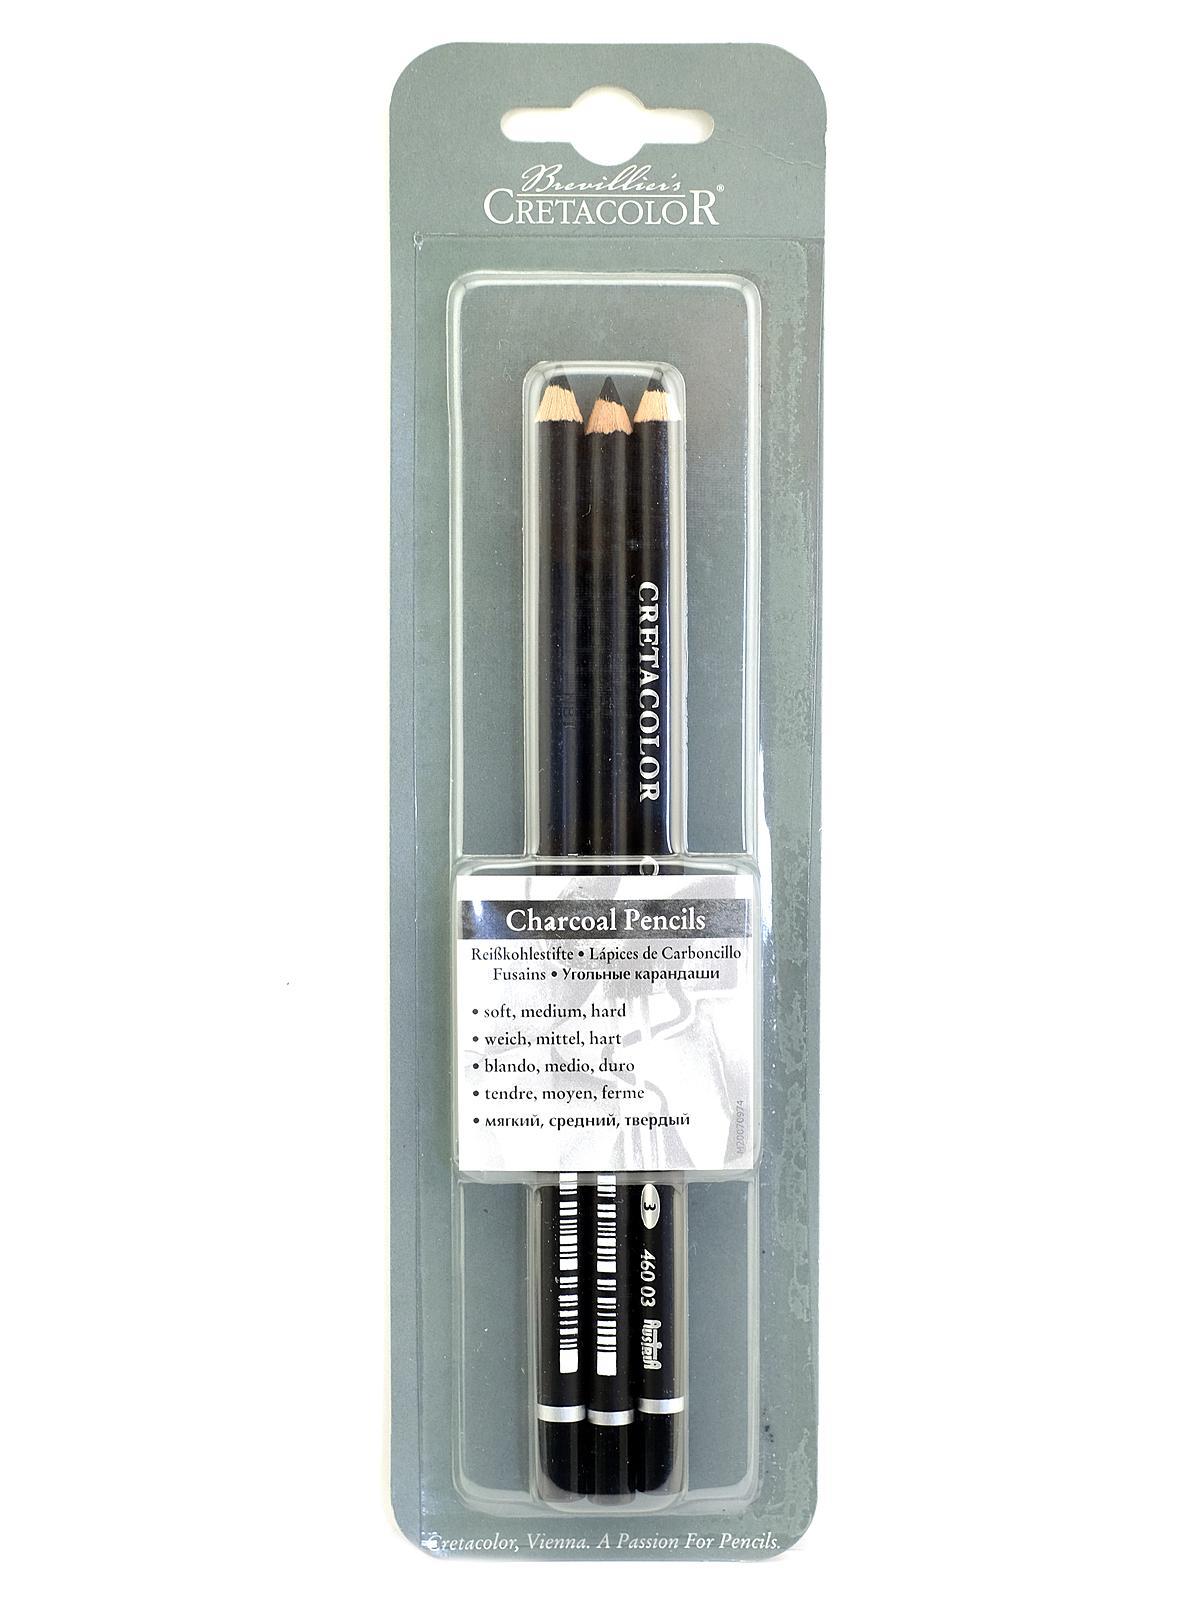 cretacolor charcoal pencil set misterartcom